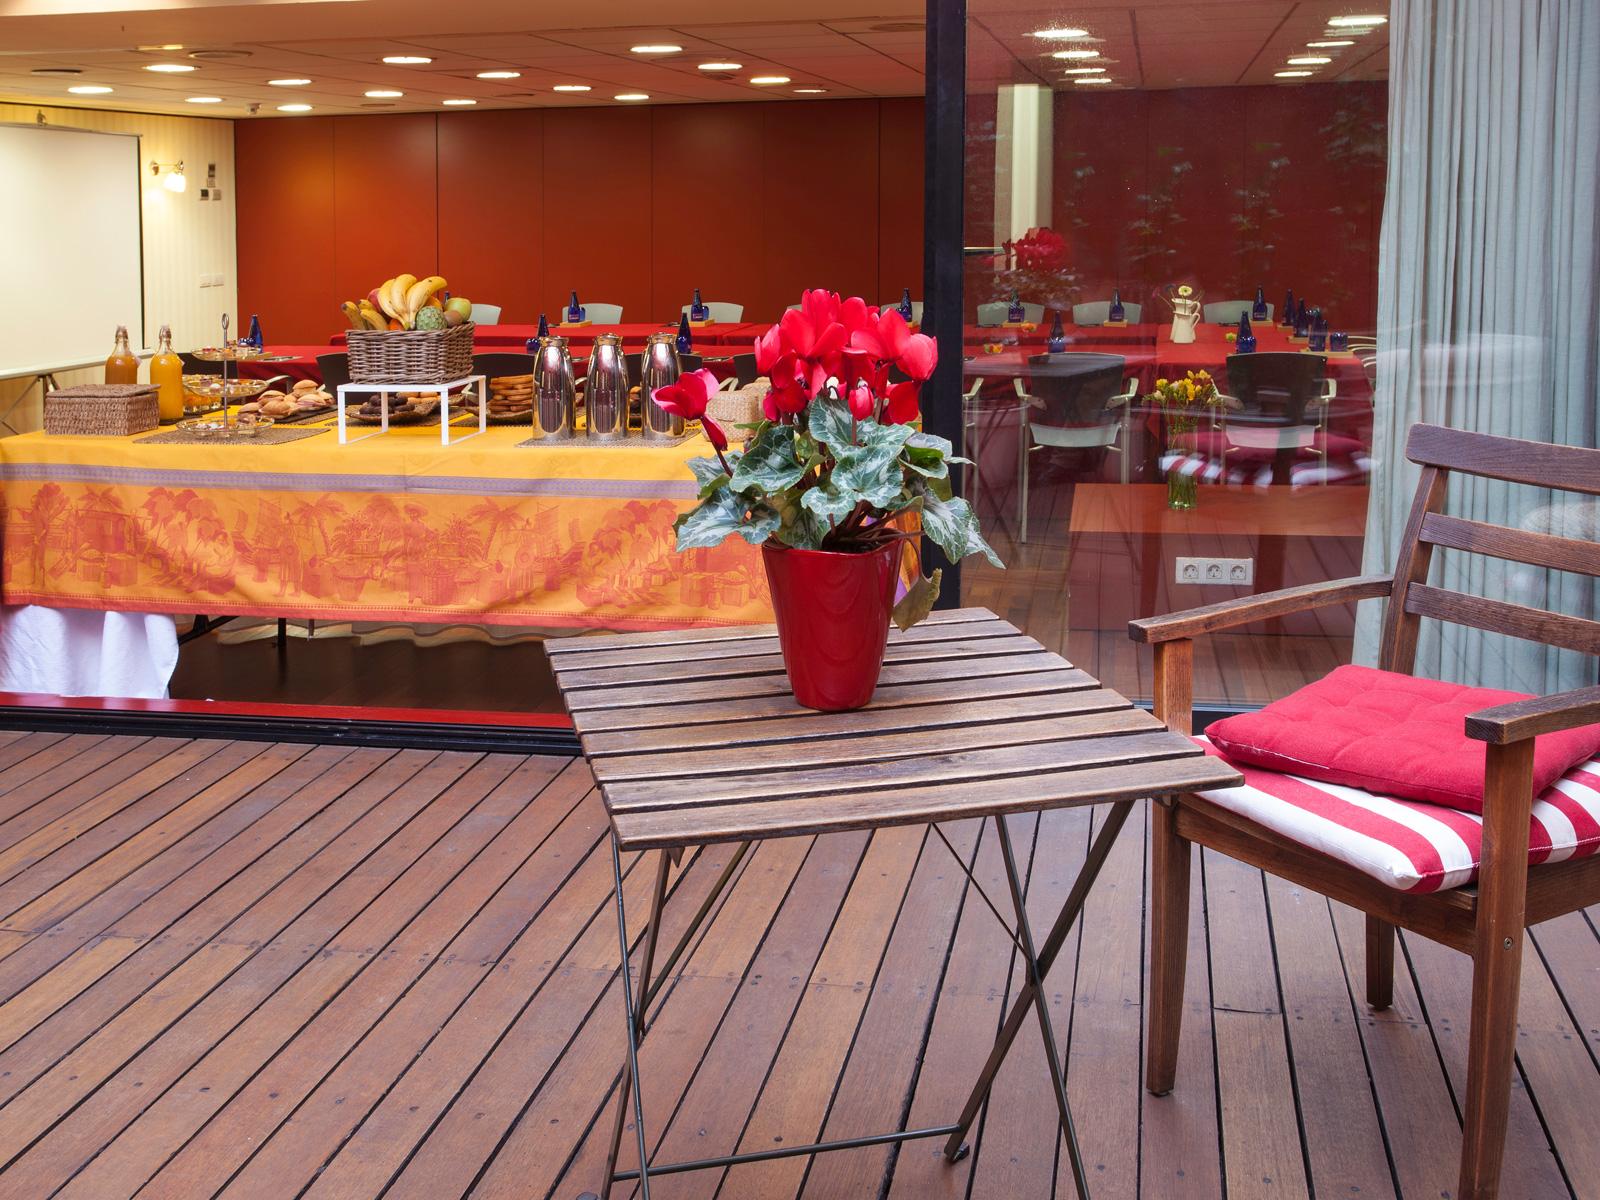 Terrasse de salon rouge - Vincci Soma 4*